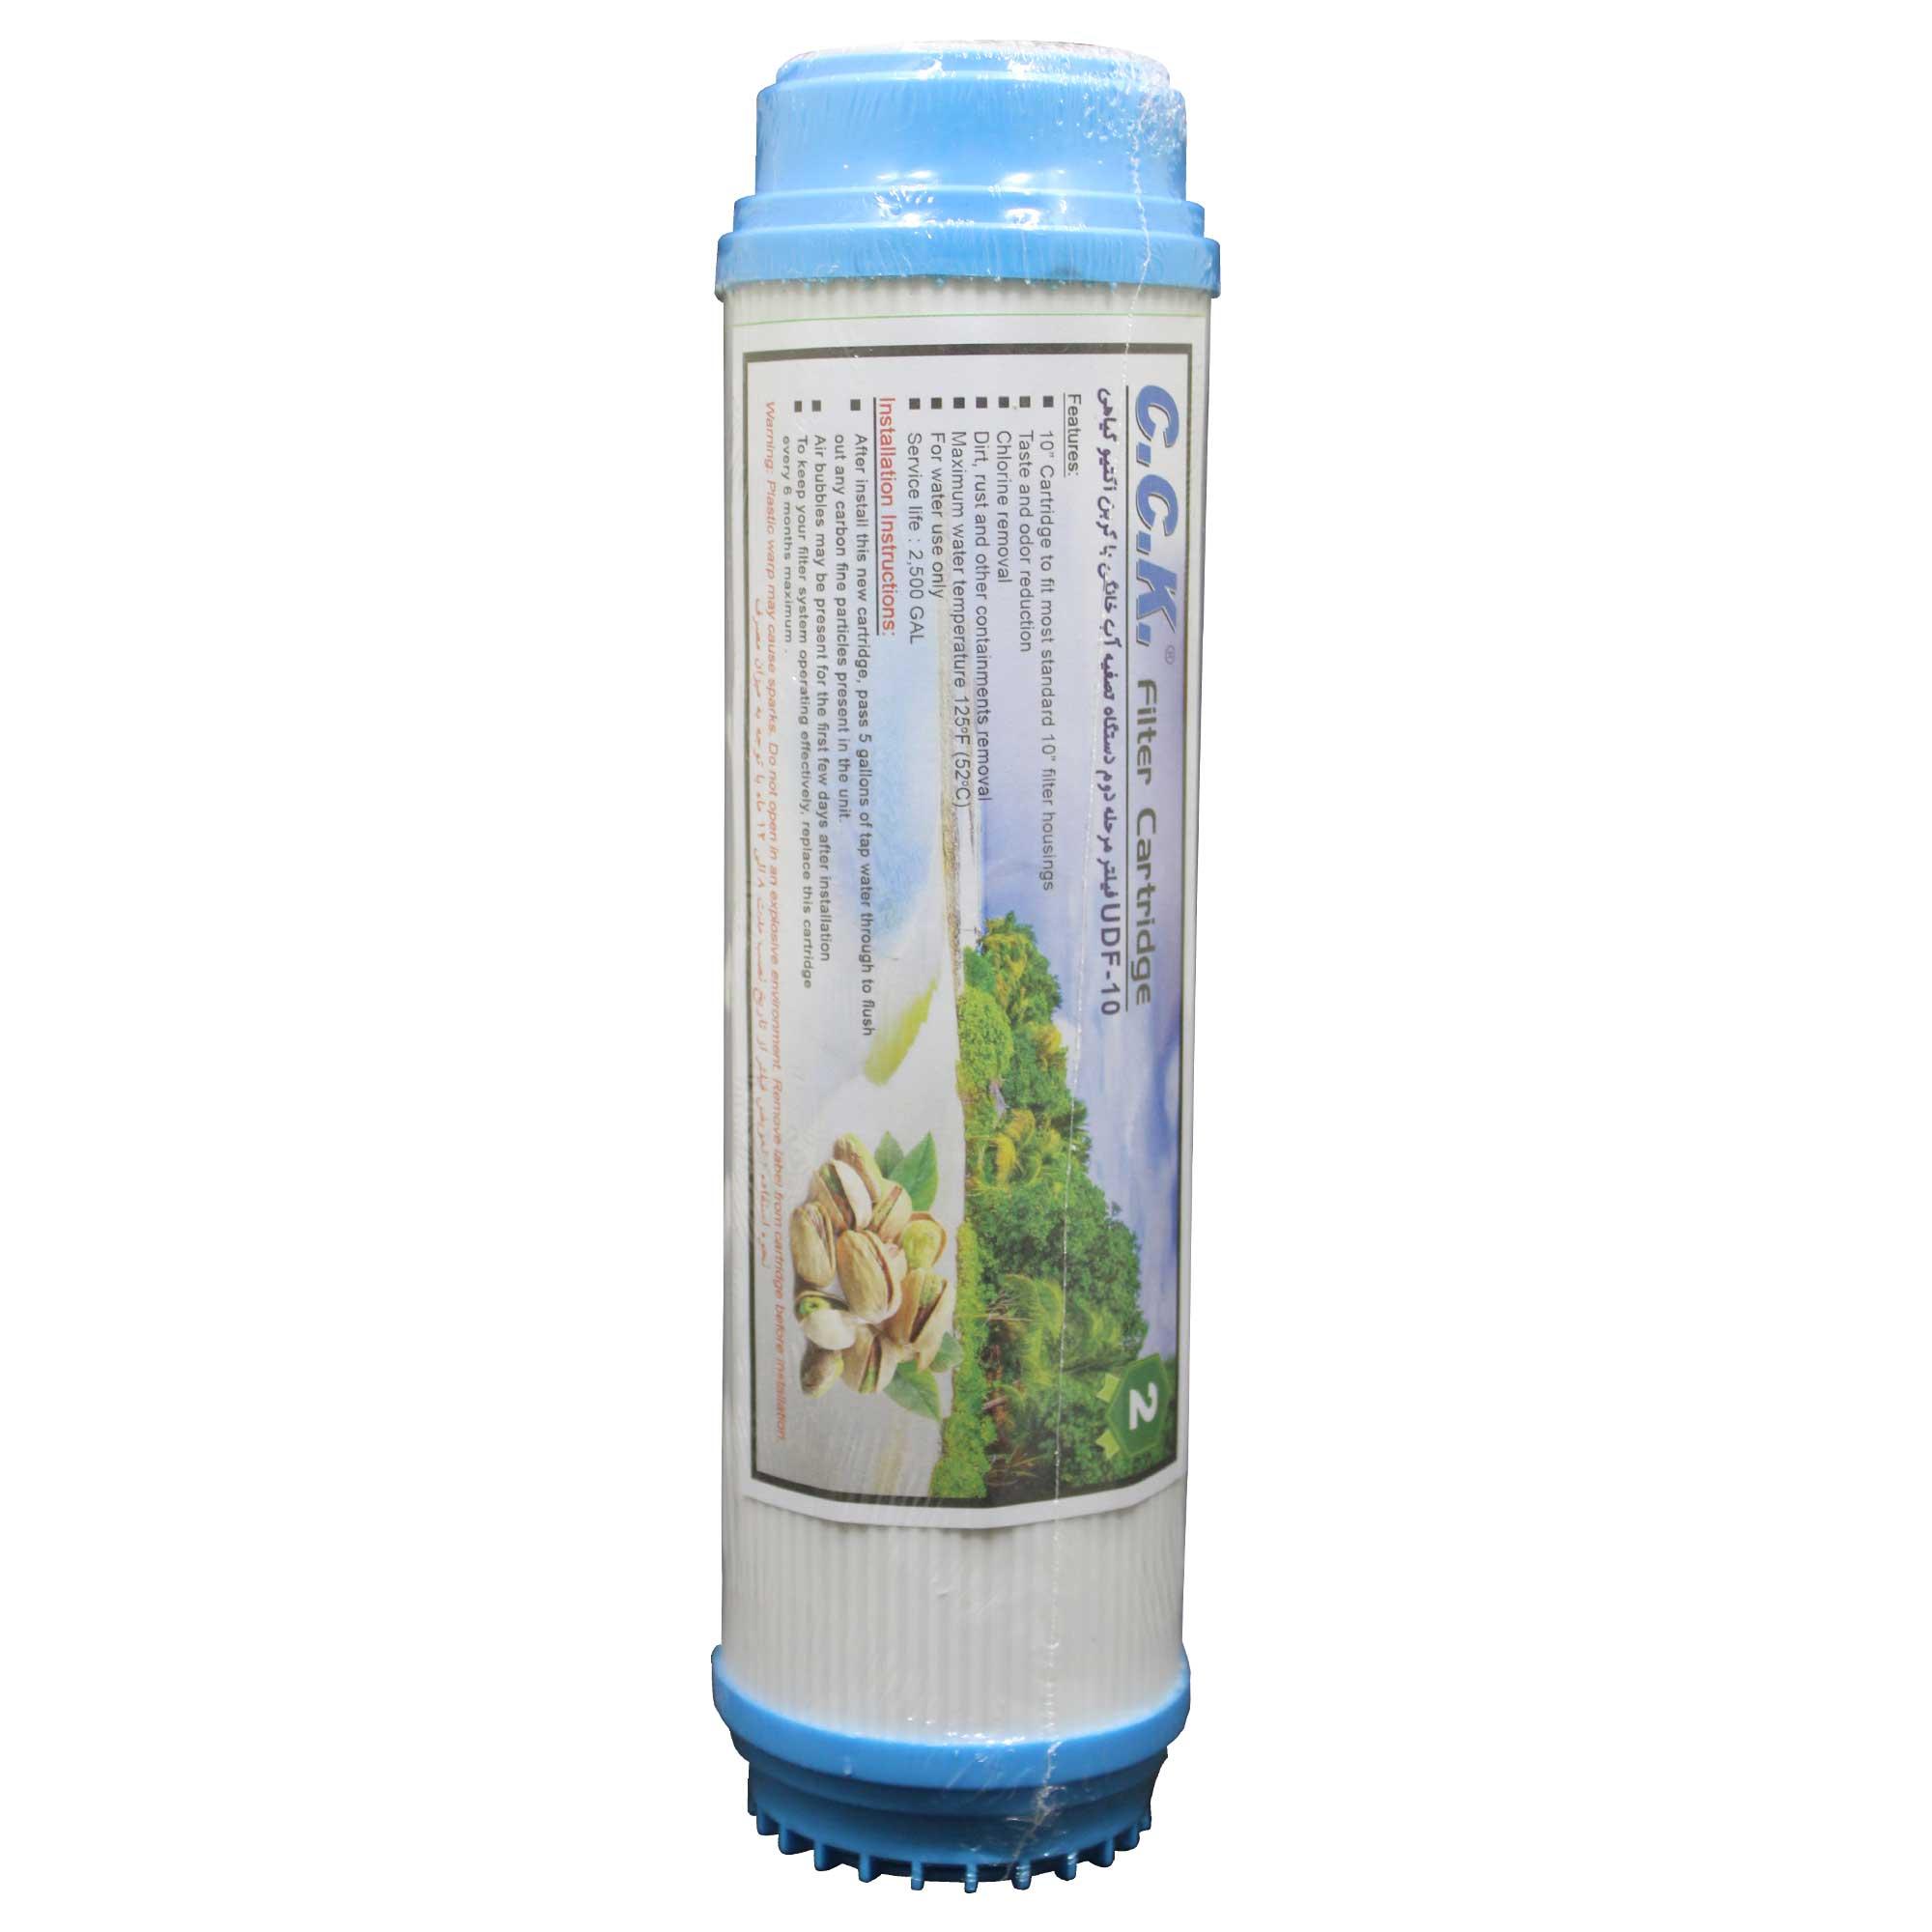 فیلتر دستگاه تصفیه کننده آب سی سی کا مدل UDF-10